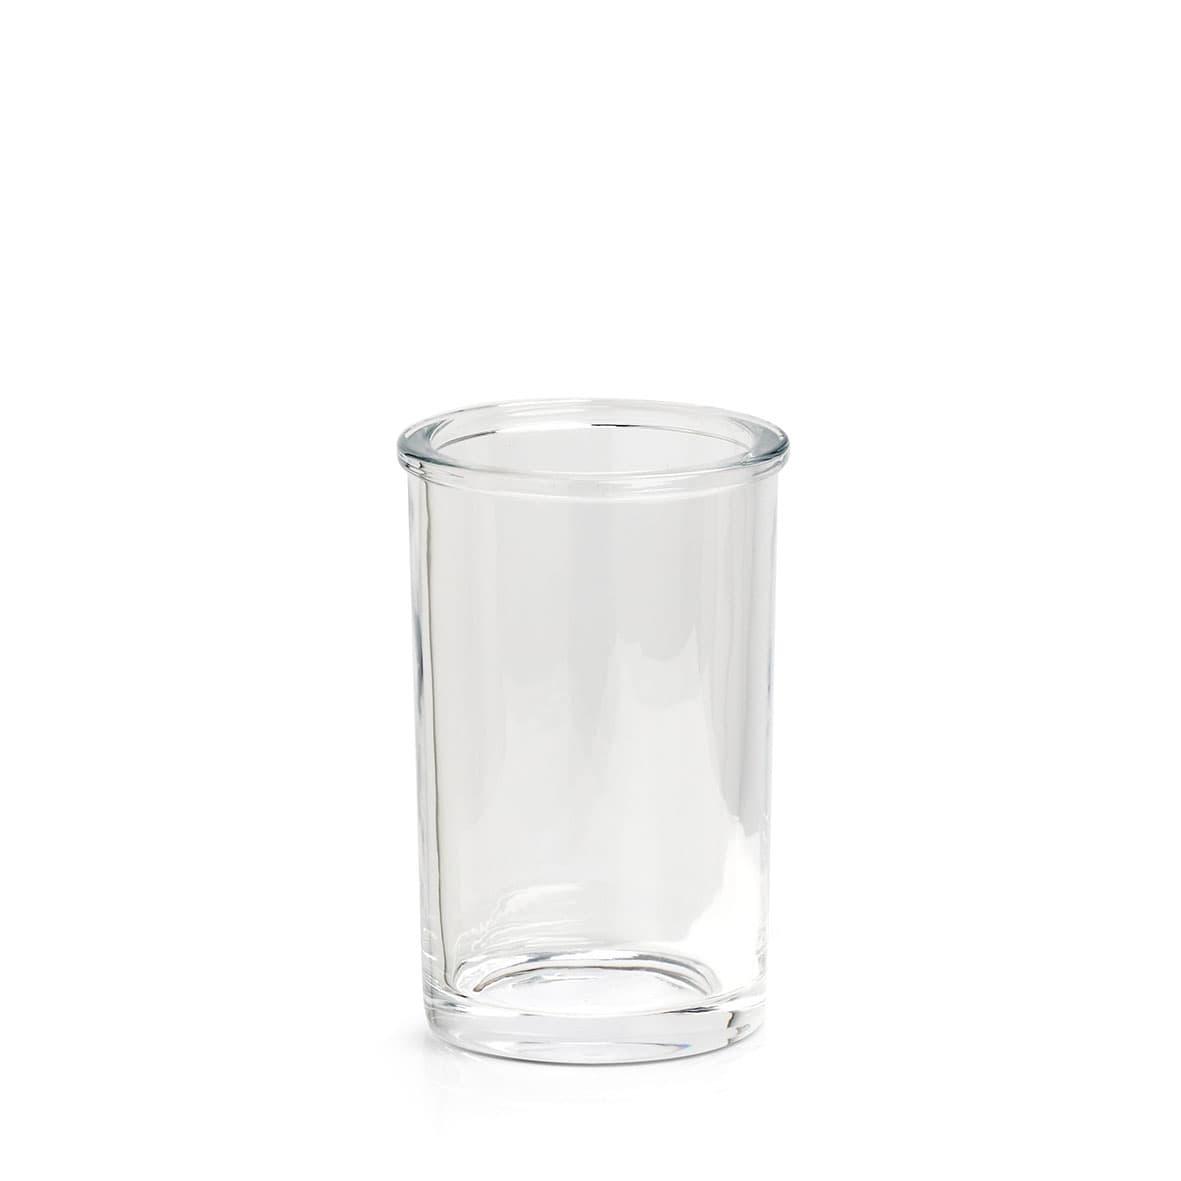 Pahar pentru periuta de dinti, din sticla, Clear Transparent, Ø7,4xH11,3 cm poza